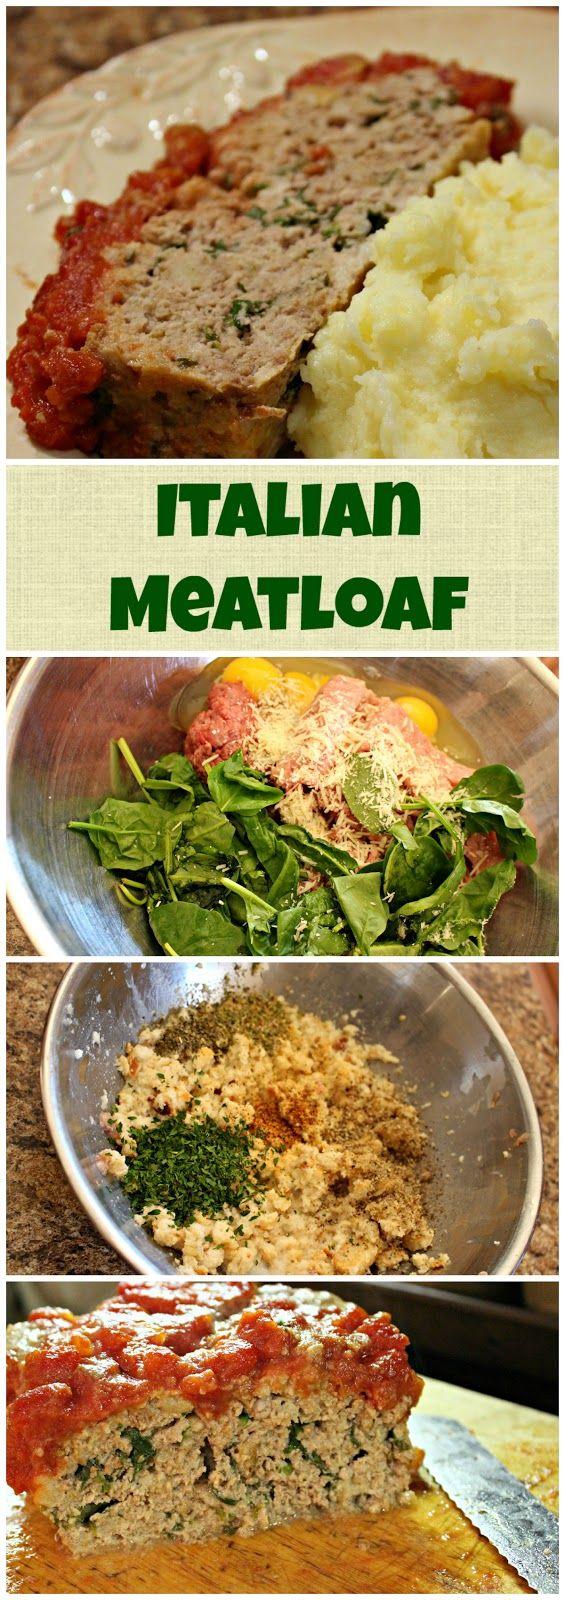 Jenn's Random Scraps: Italian Meatloaf